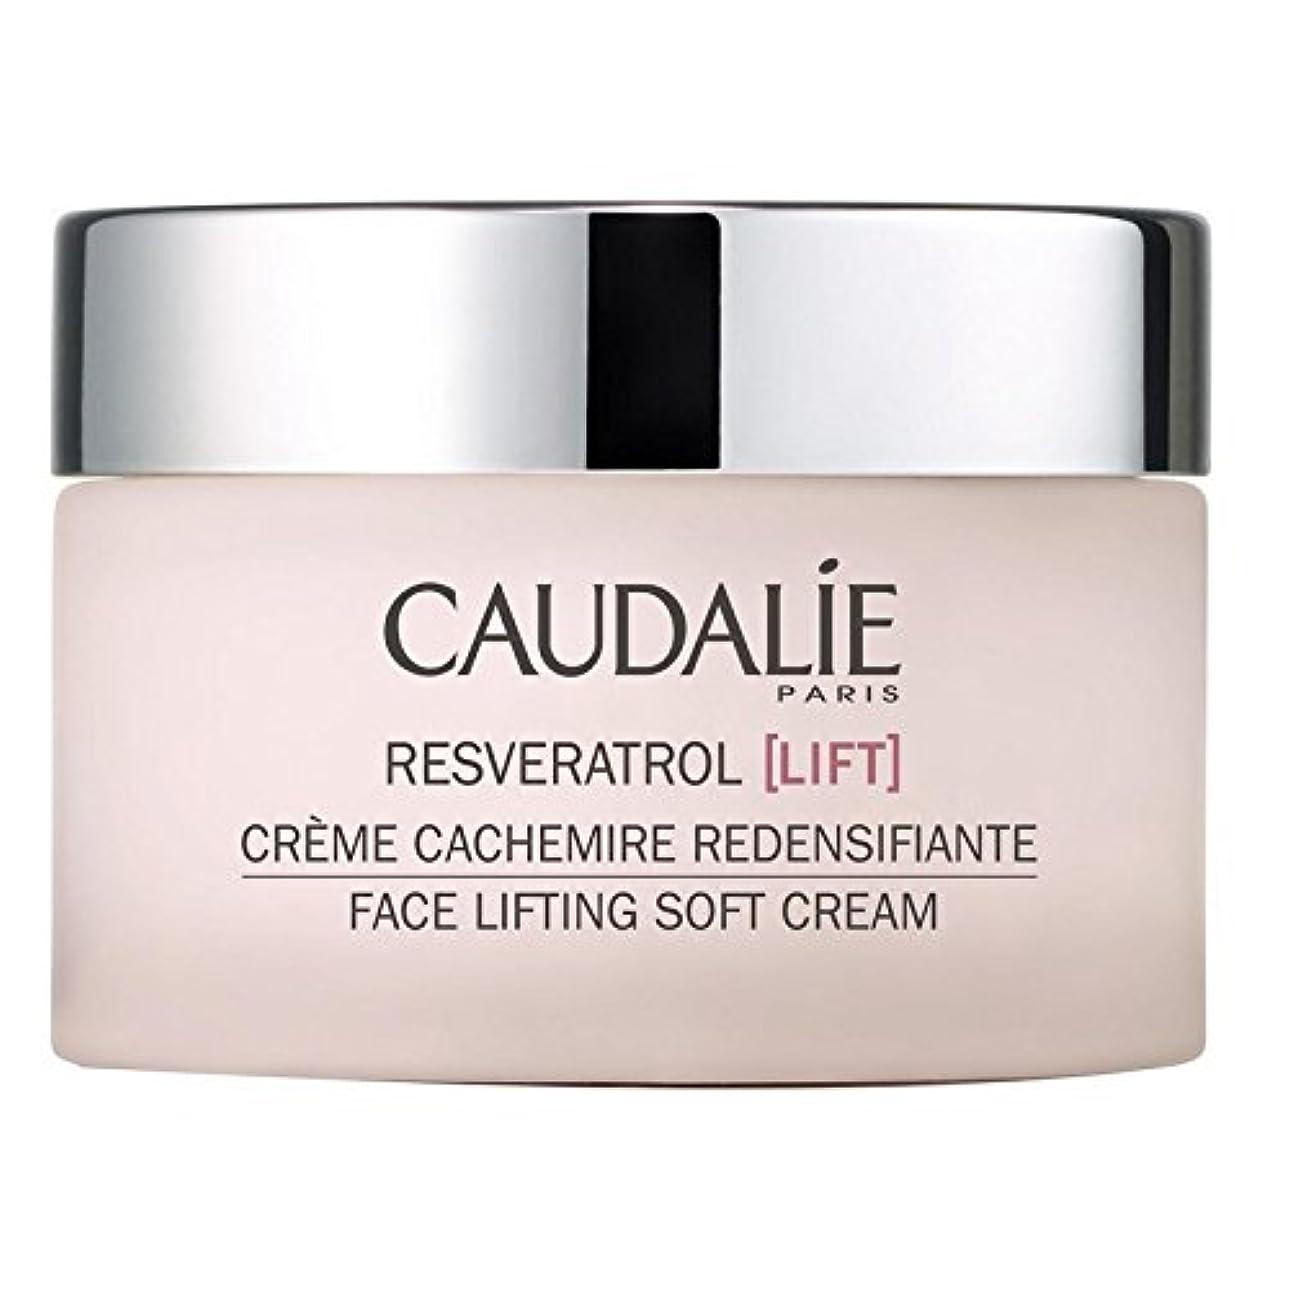 とても多くのフレームワーク故意のCaudalie Resveratrol lift Face Lifting Soft Cream 50ml (Pack of 6) - ソフトクリーム50ミリリットルを持ち上げるコーダリーレスベラトロールリフト顔 x6 [並行輸入品]